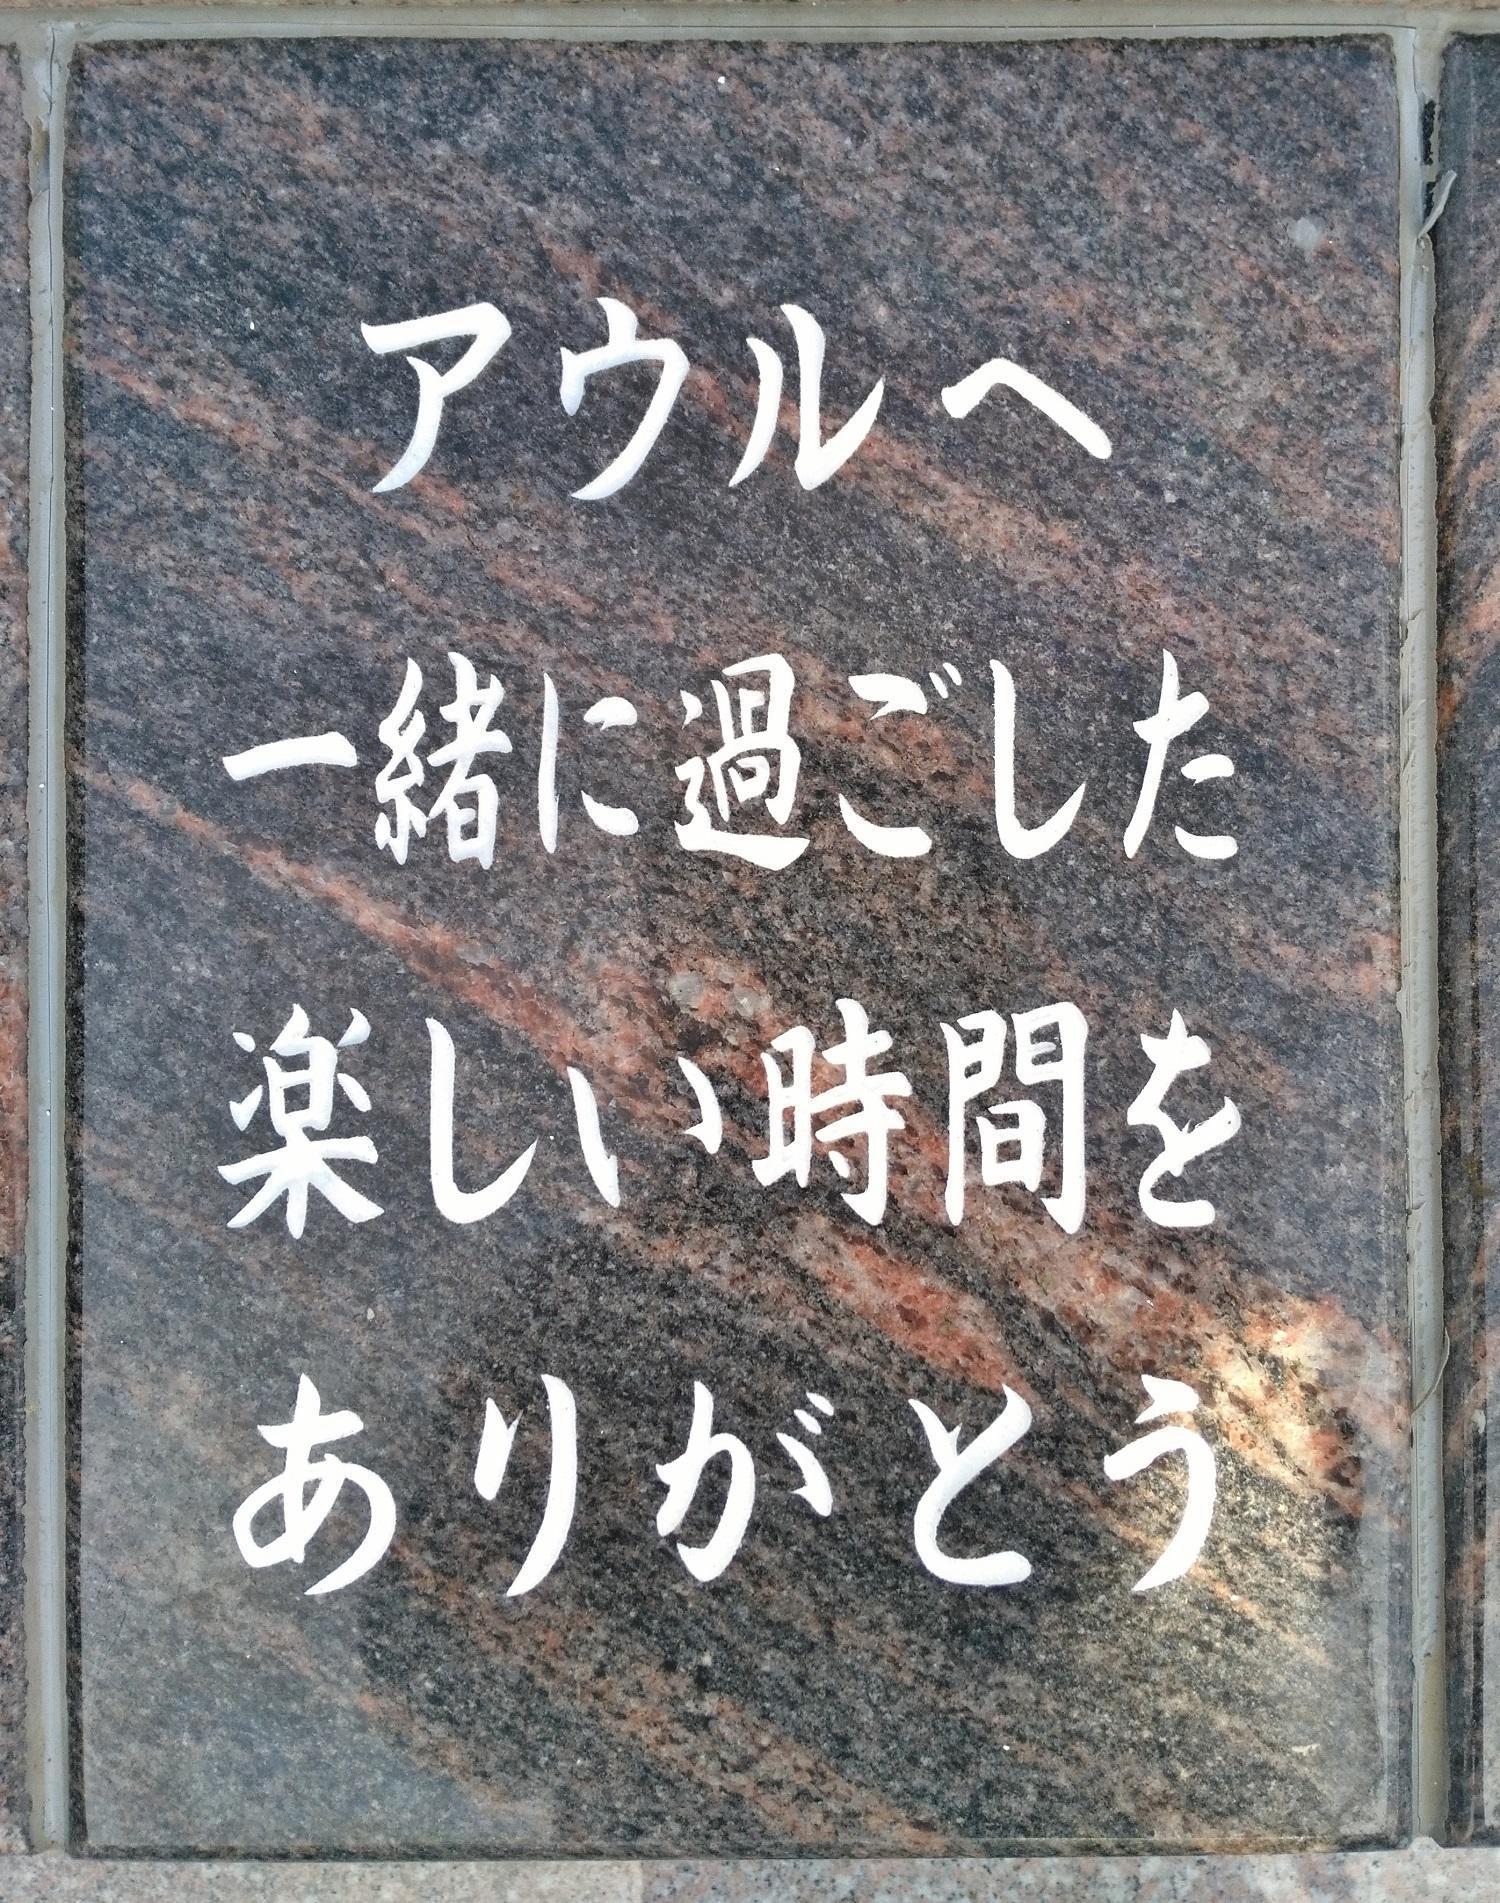 161031.jpg